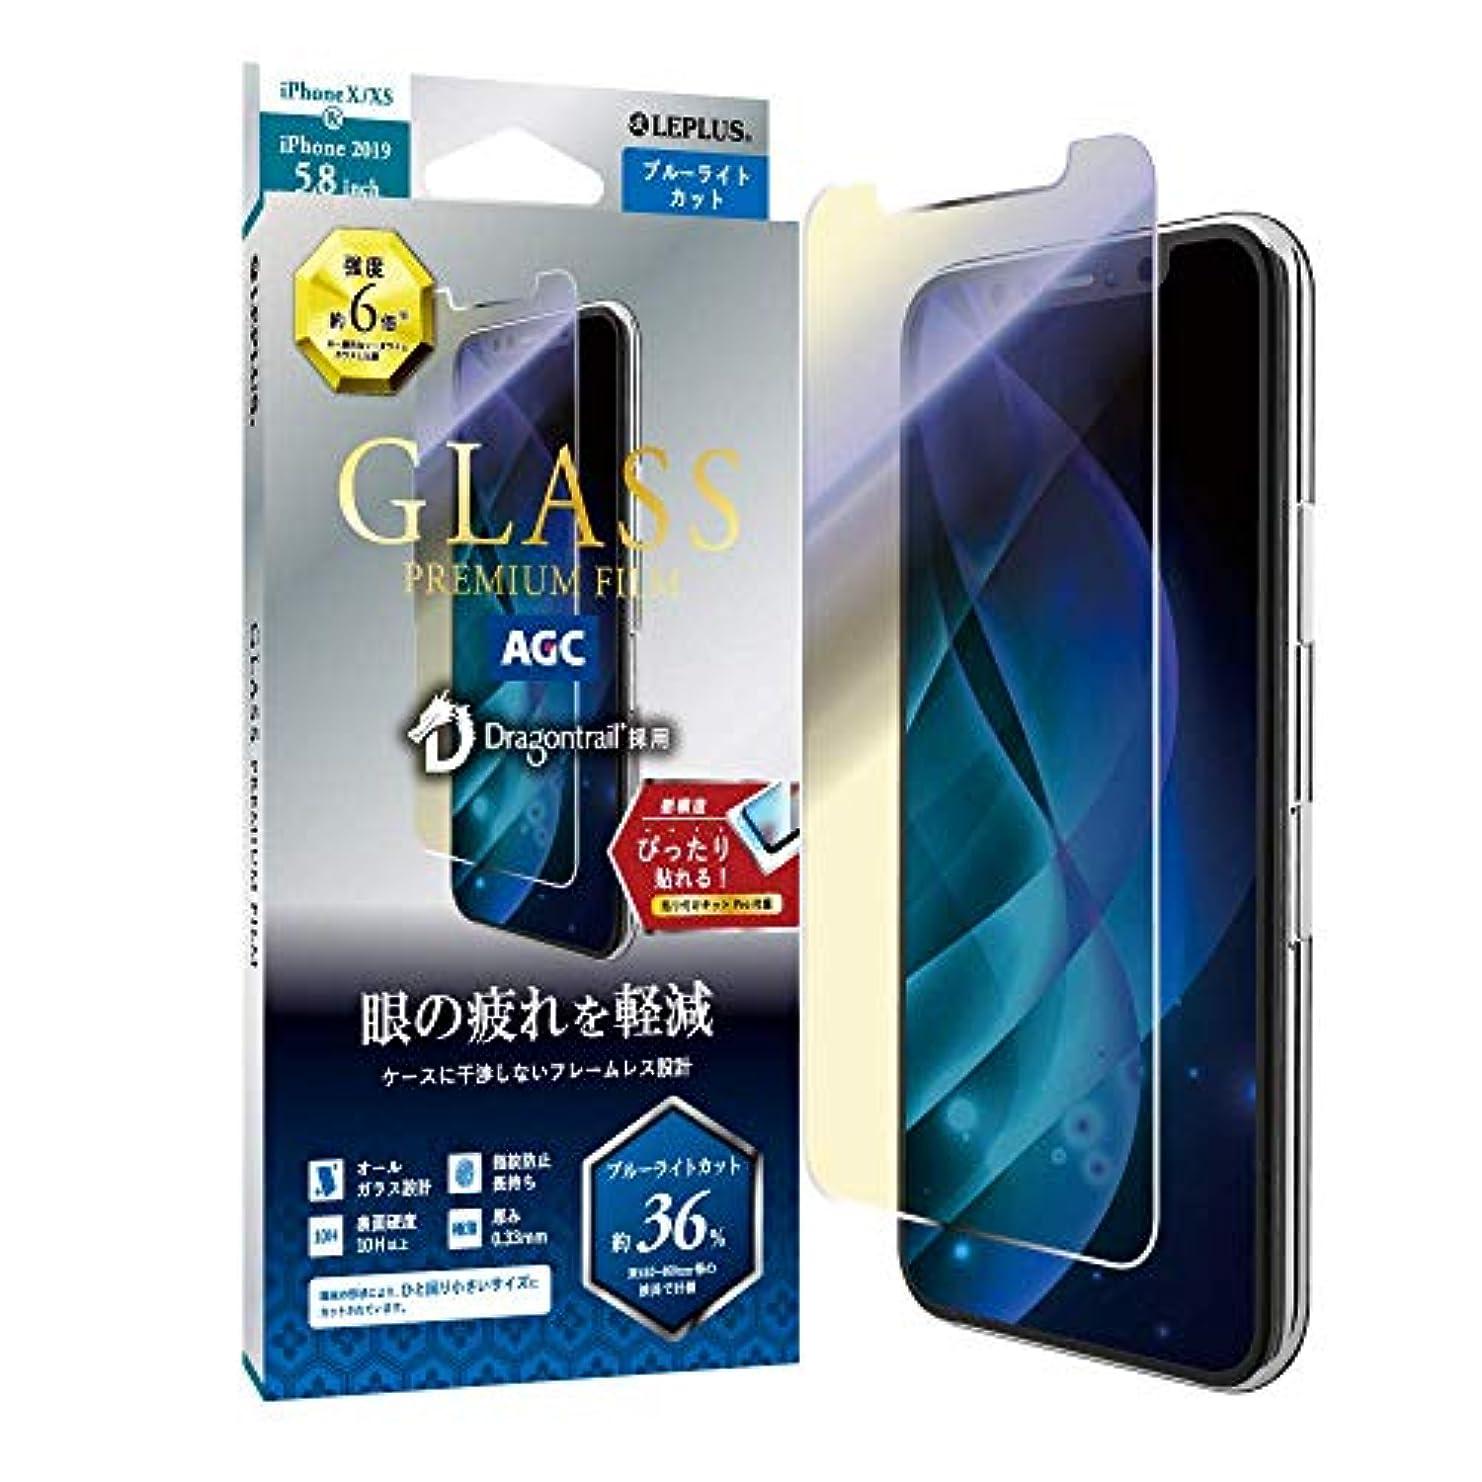 達成可能戸惑う創造iPhone 11 Pro/XS/X ガラスフィルム「GLASS PREMIUM FILM」ドラゴントレイル スタンダードサイズ ブルーライトカット